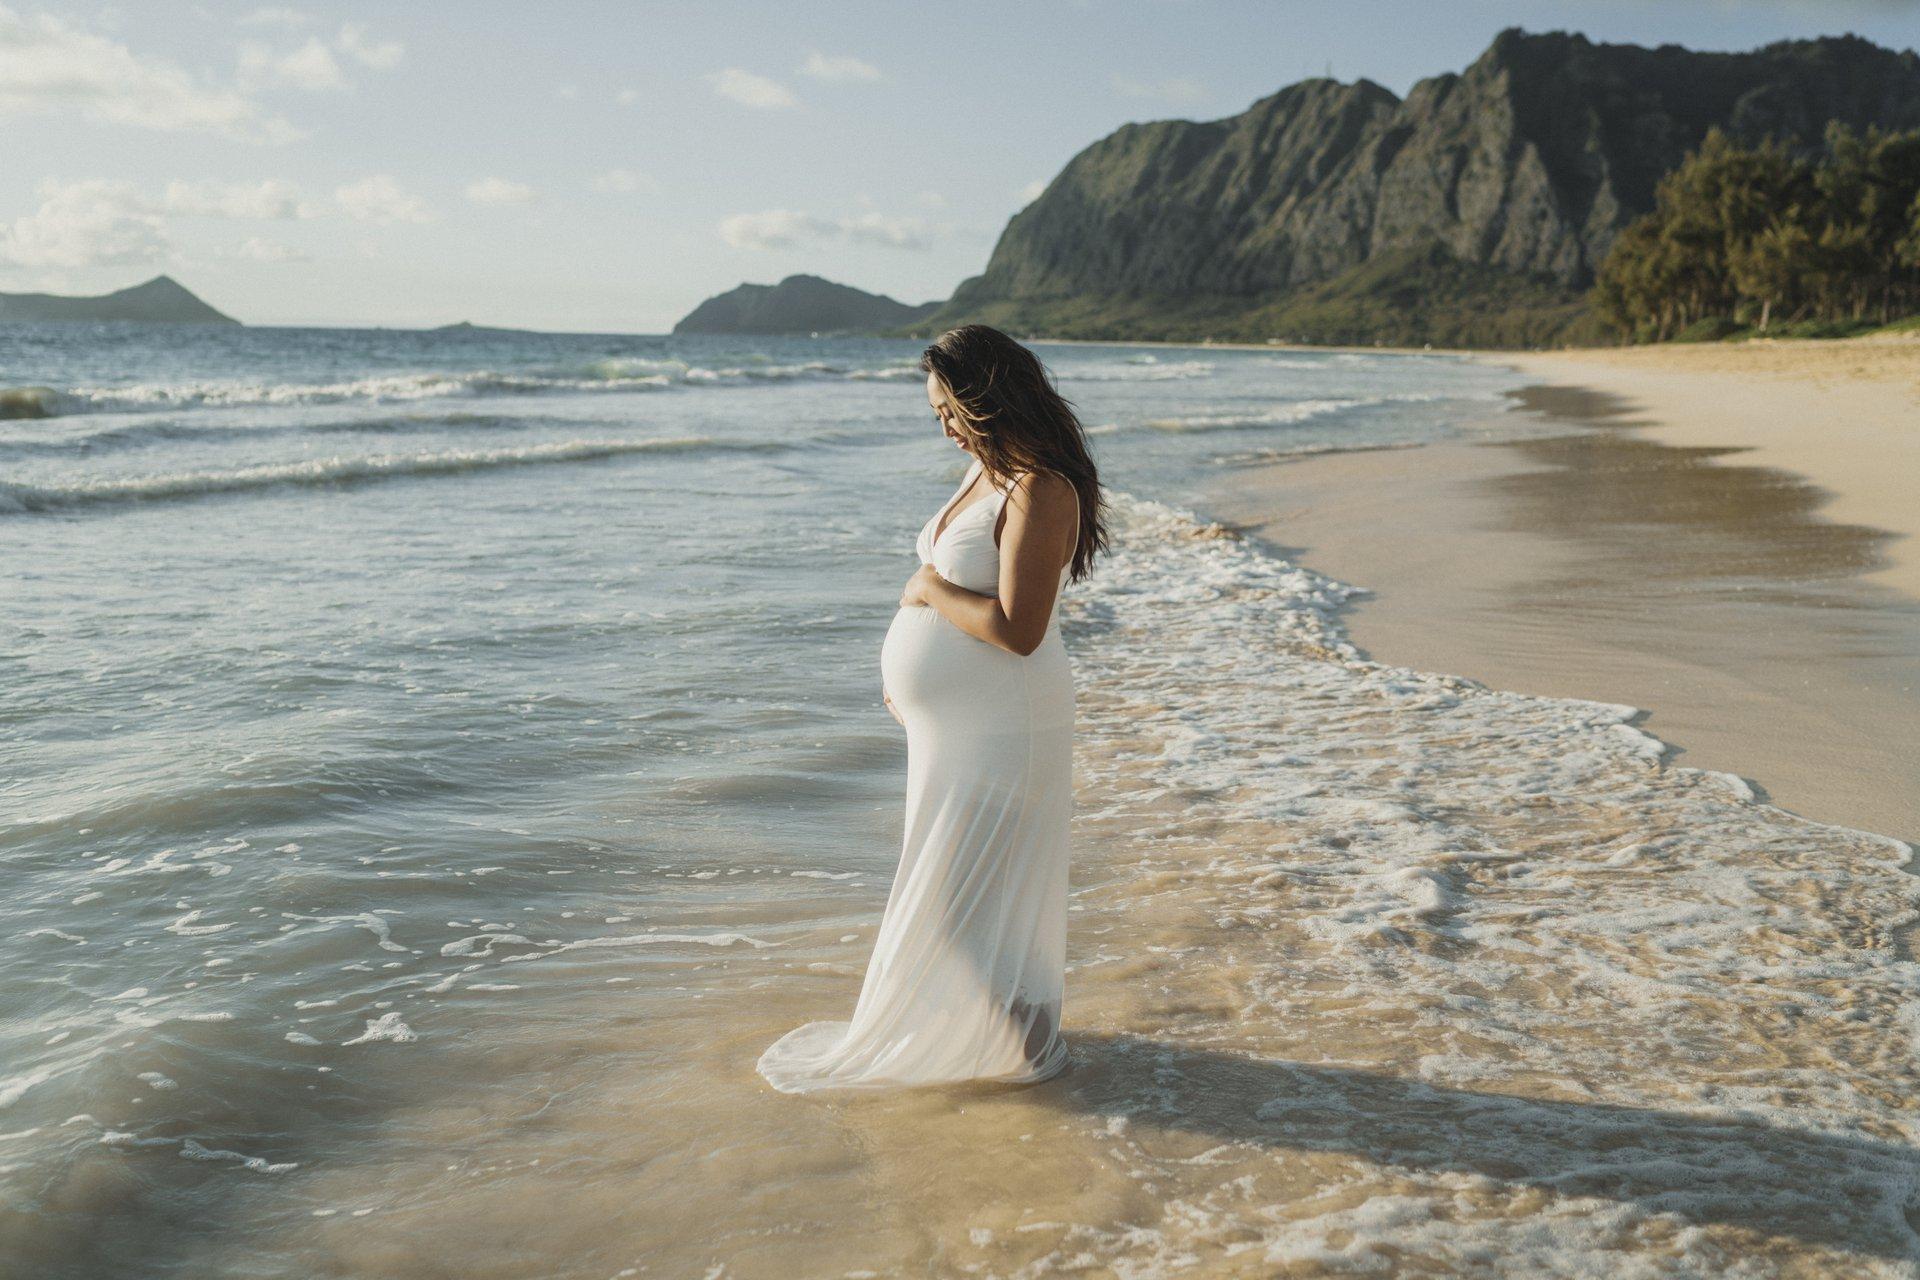 Honolulu-United States-travel-story-Flytographer-7